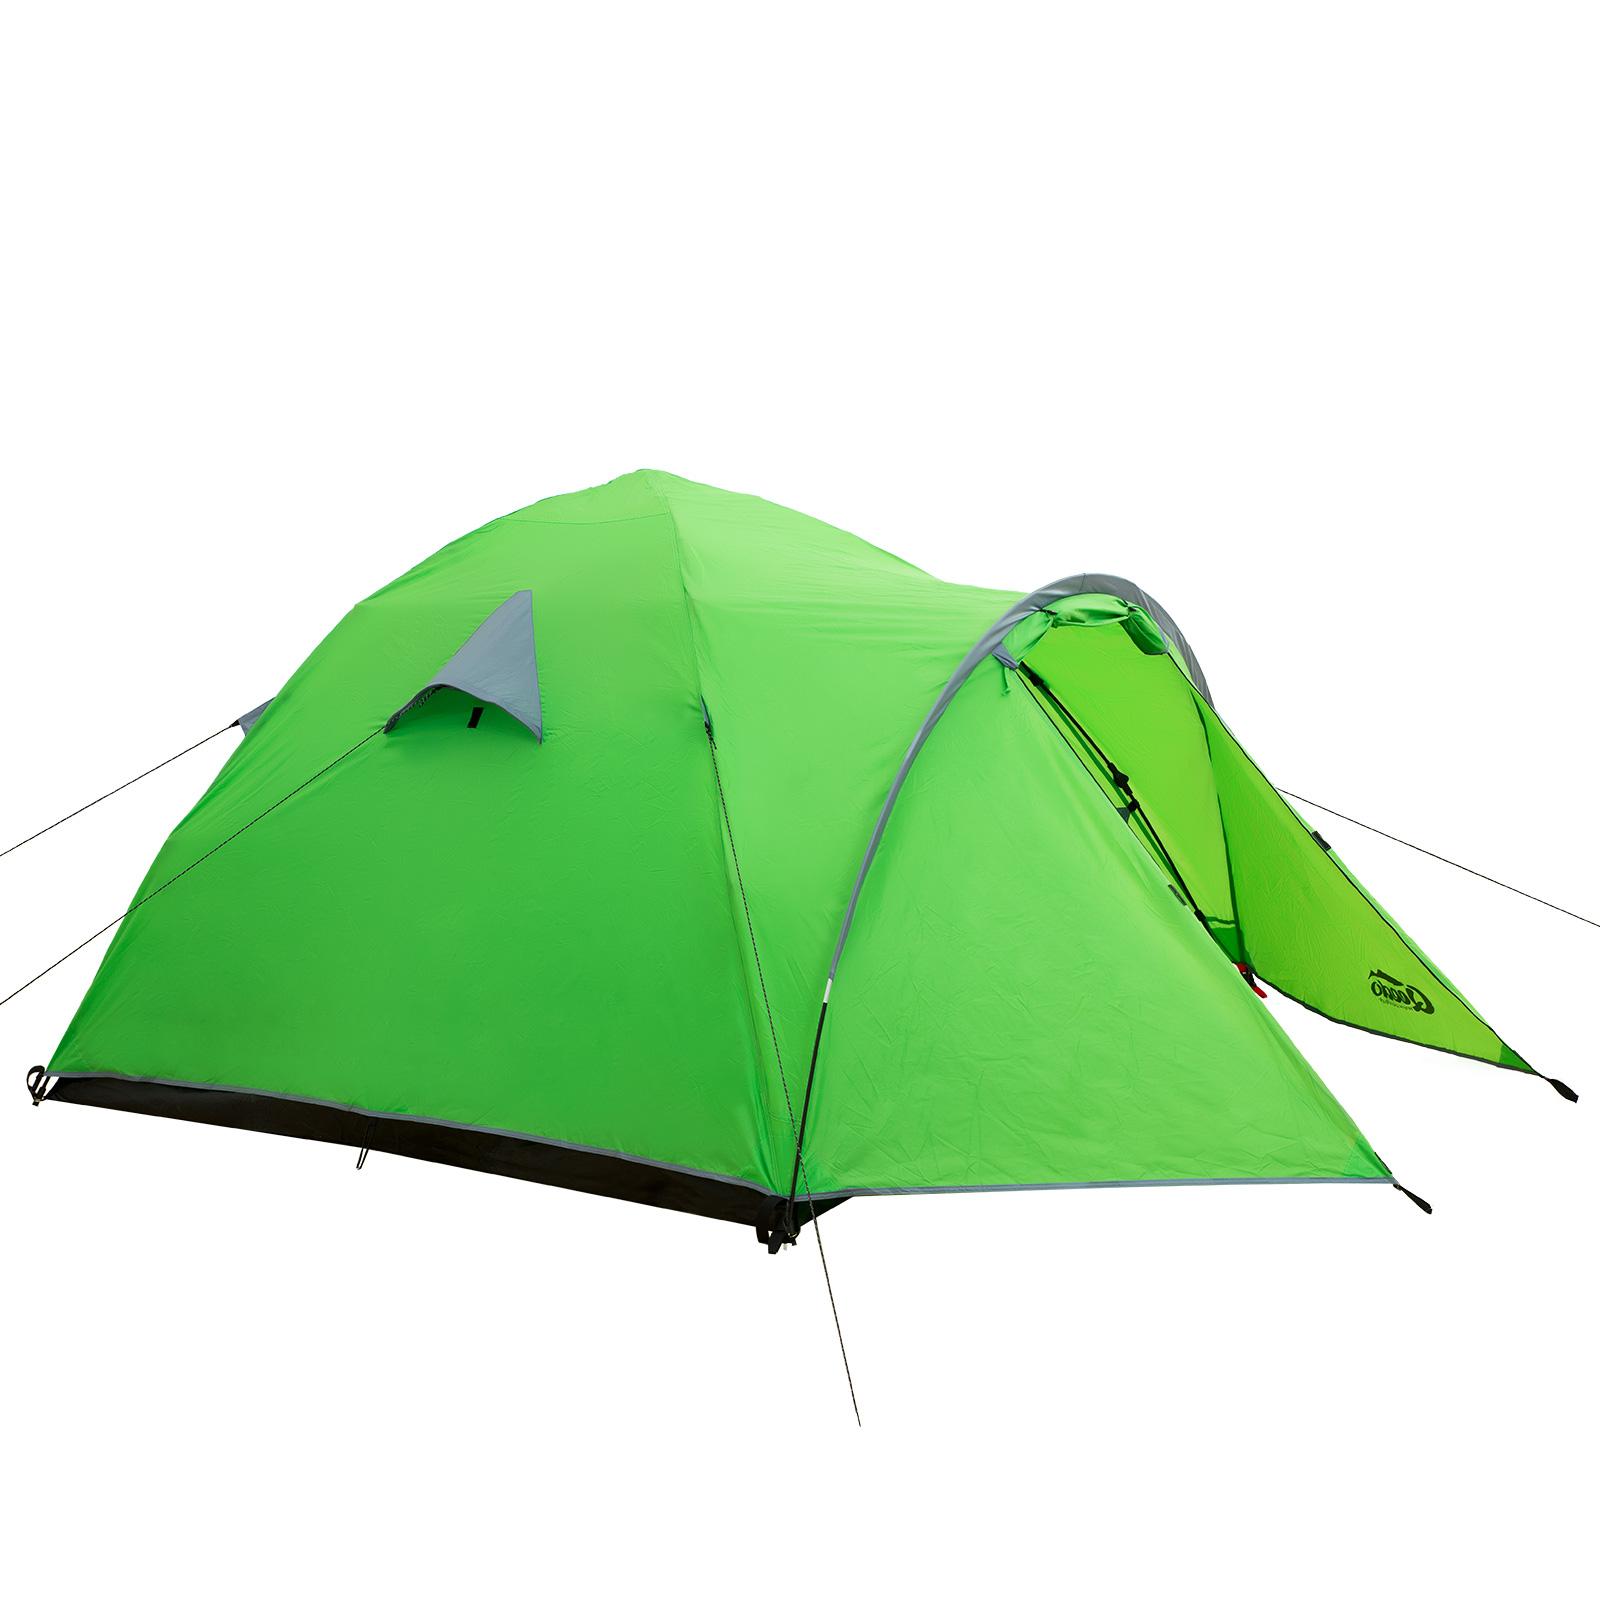 Qeedo Zelt 5 Personen : Campingzelt qeedo quick pine personen zelt pop up